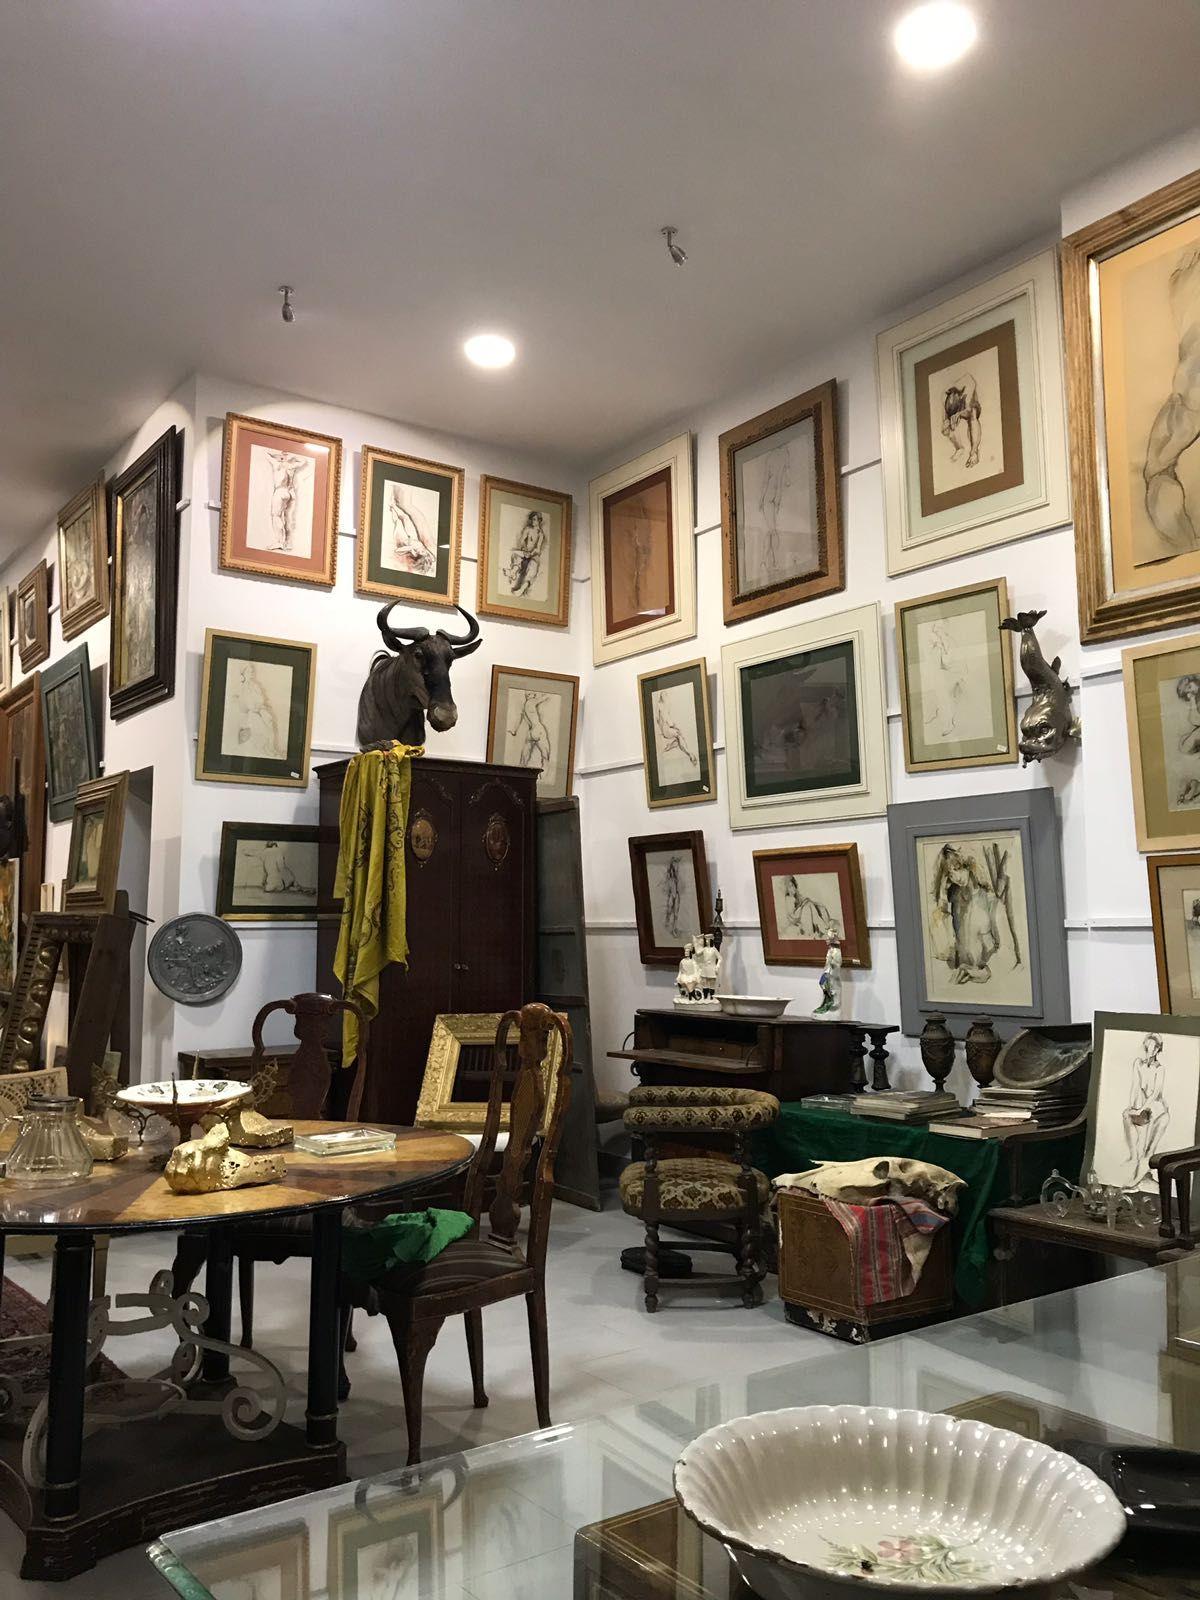 Foto 98 de Galerías de arte y salas de exposiciones en Cartagena | Arte & Antigüedades Federico Robles Perez